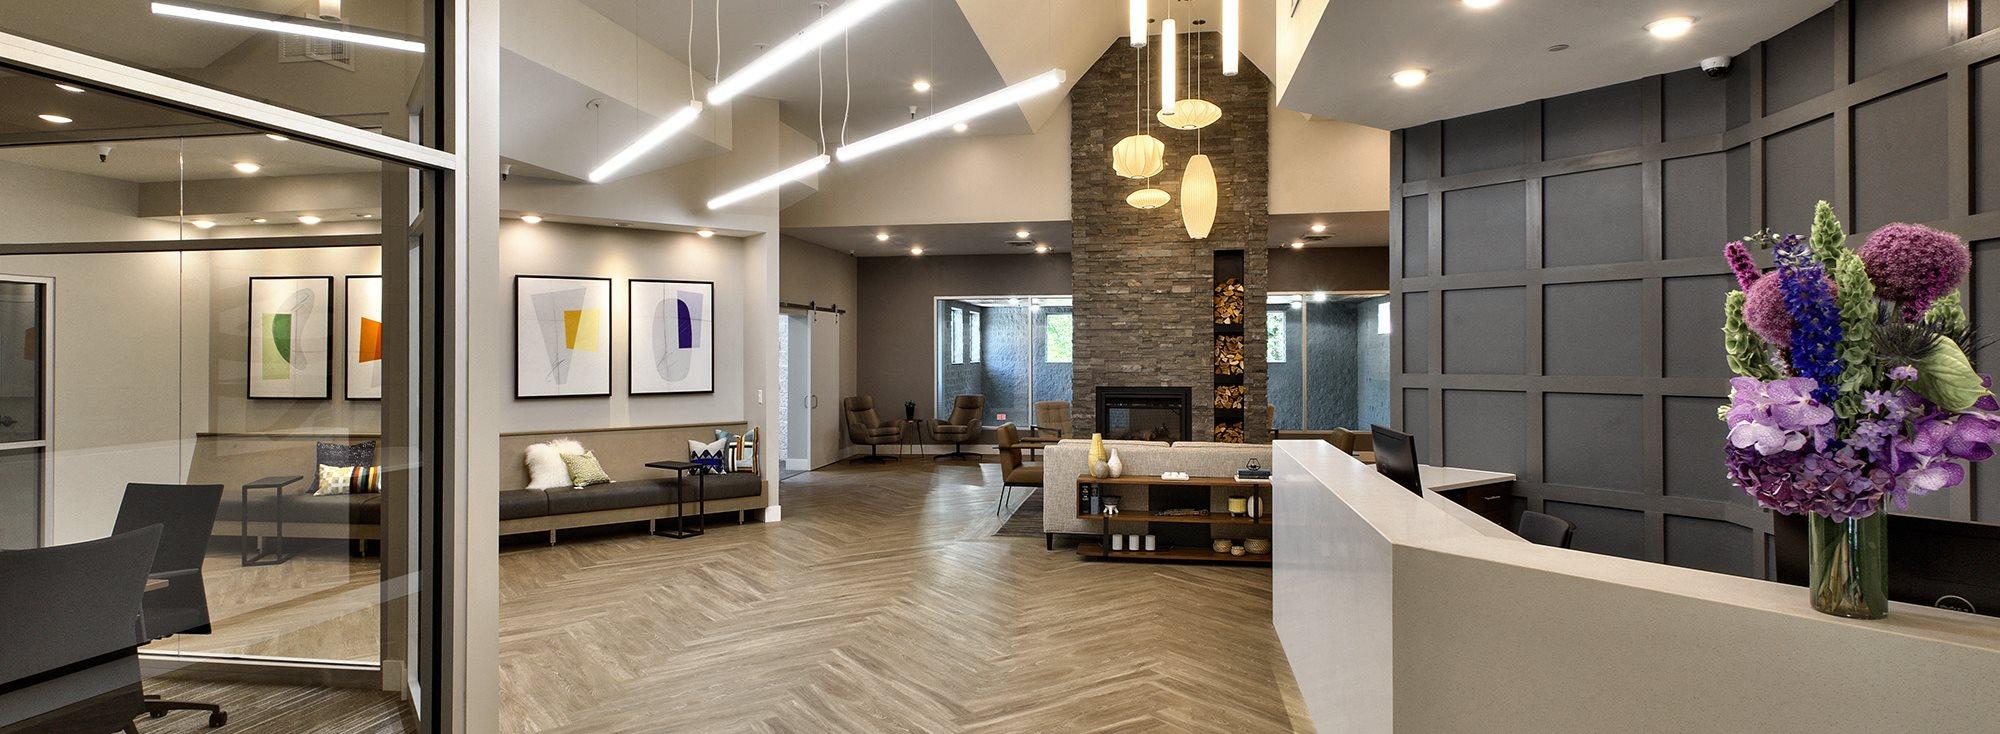 Eden prairie mn apartments fountain place apartments for Interior design eden prairie mn